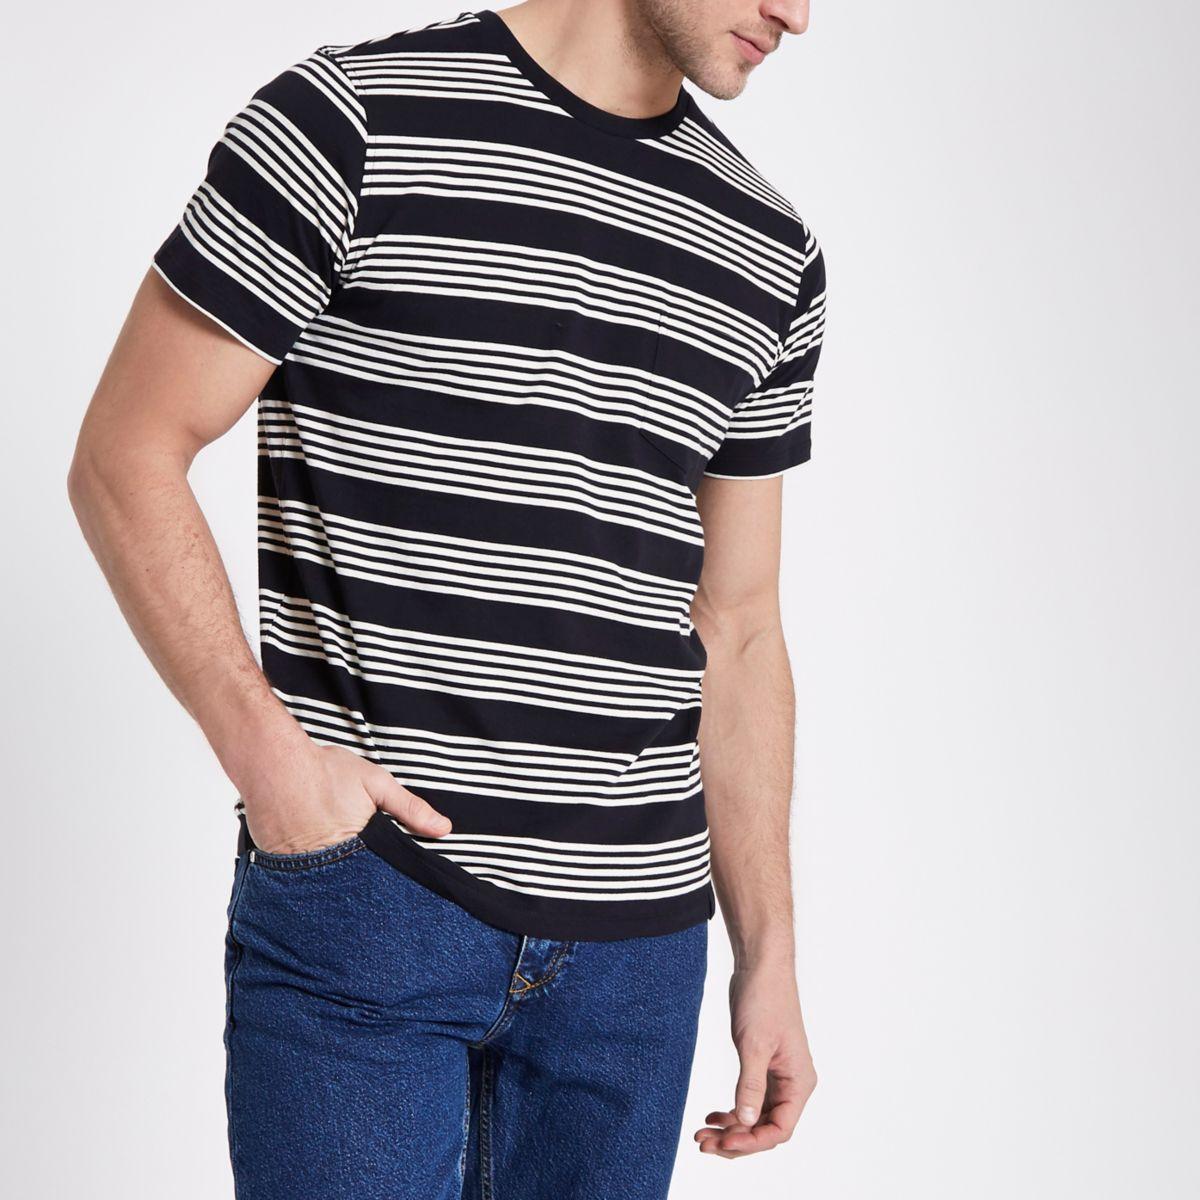 Lee – Schwarzes, gestreiftes T-Shirt mit Rundhalsausschnitt